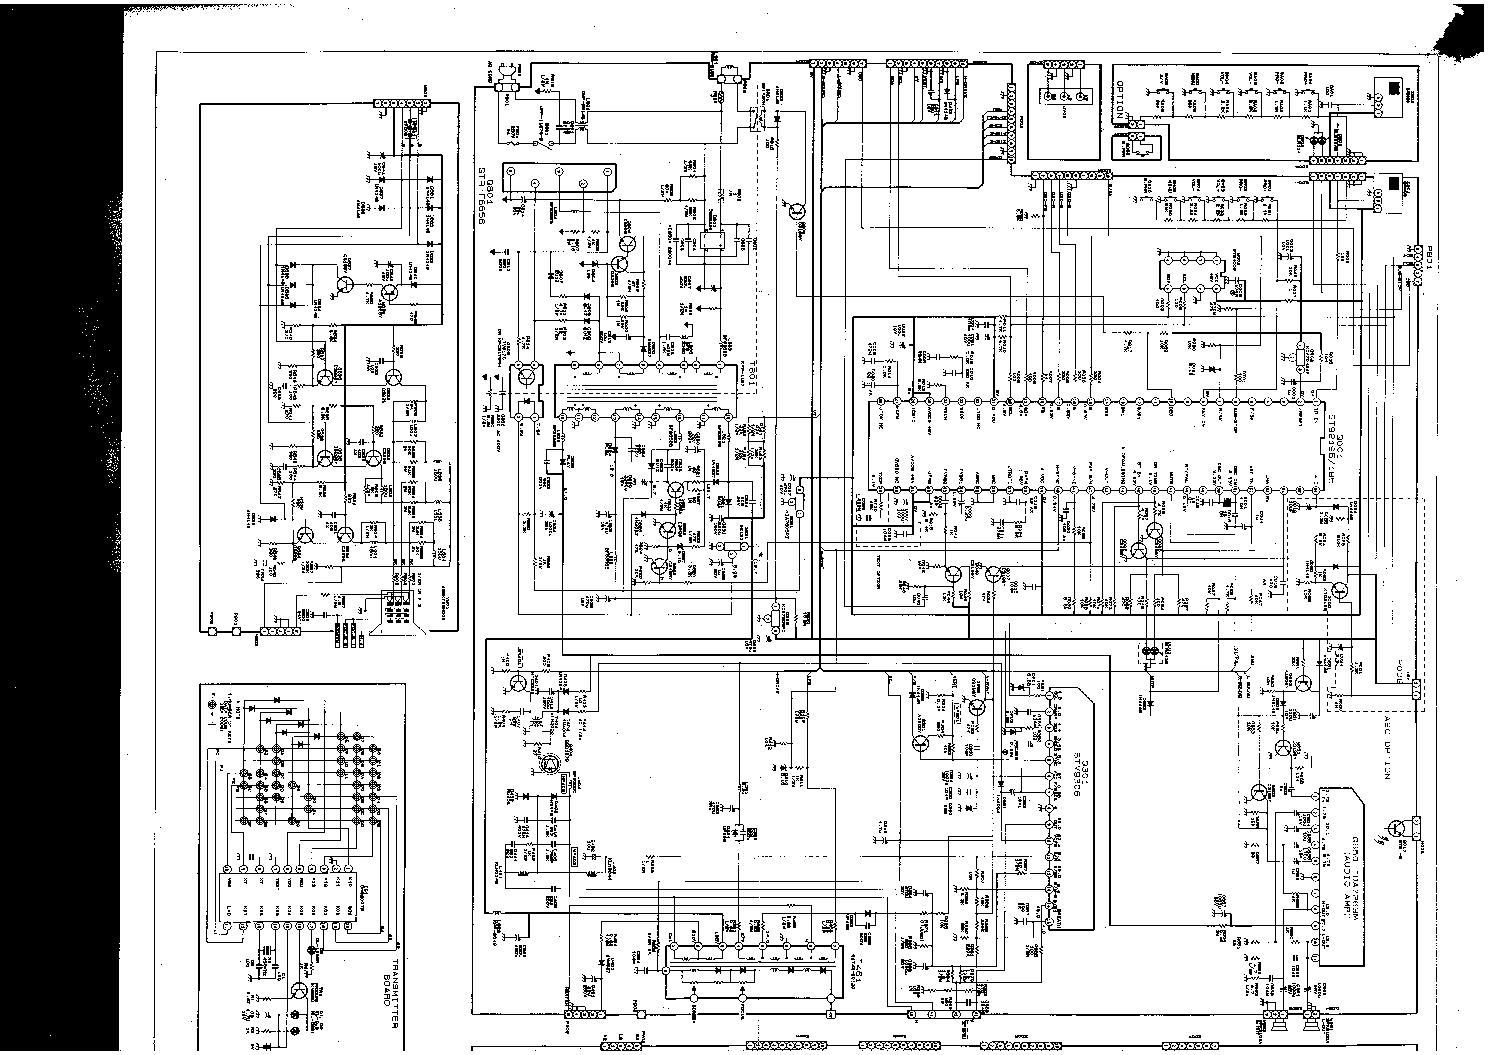 t v circuit diagram free download wiring diagram postt v circuit diagram free download wiring diagram page [ 1488 x 1055 Pixel ]